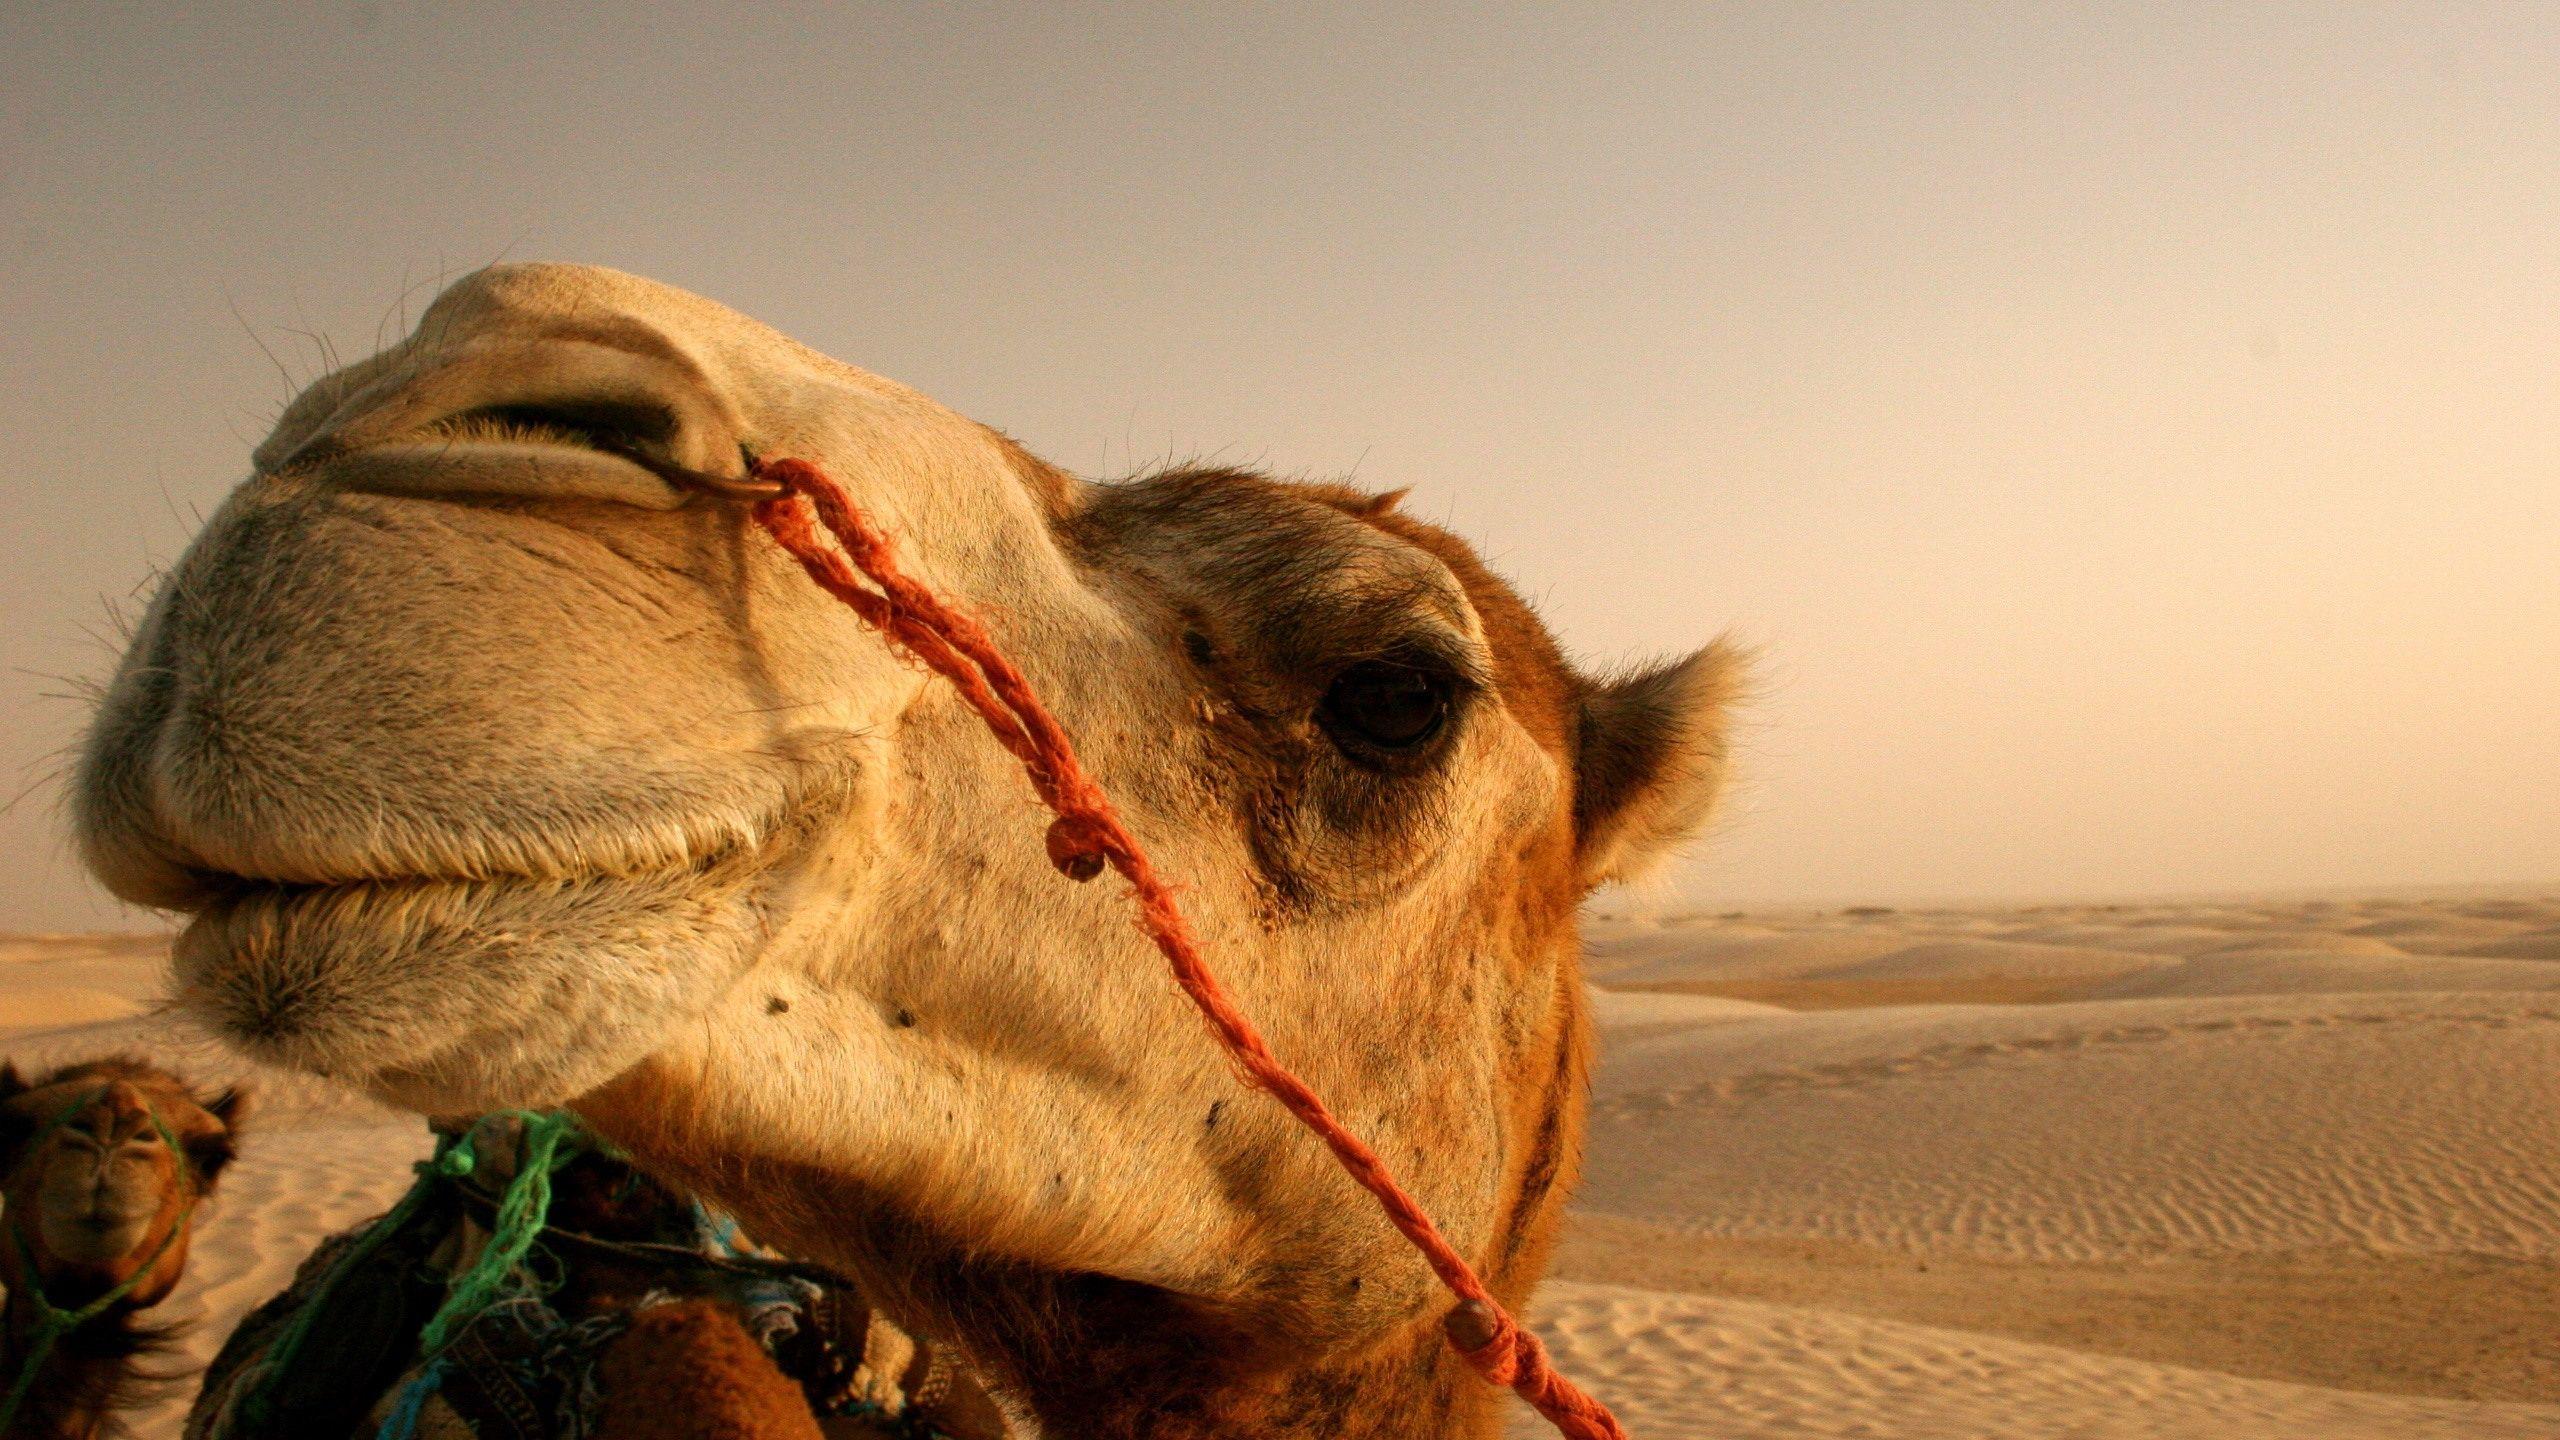 Camel Head Closeup Wallpaper